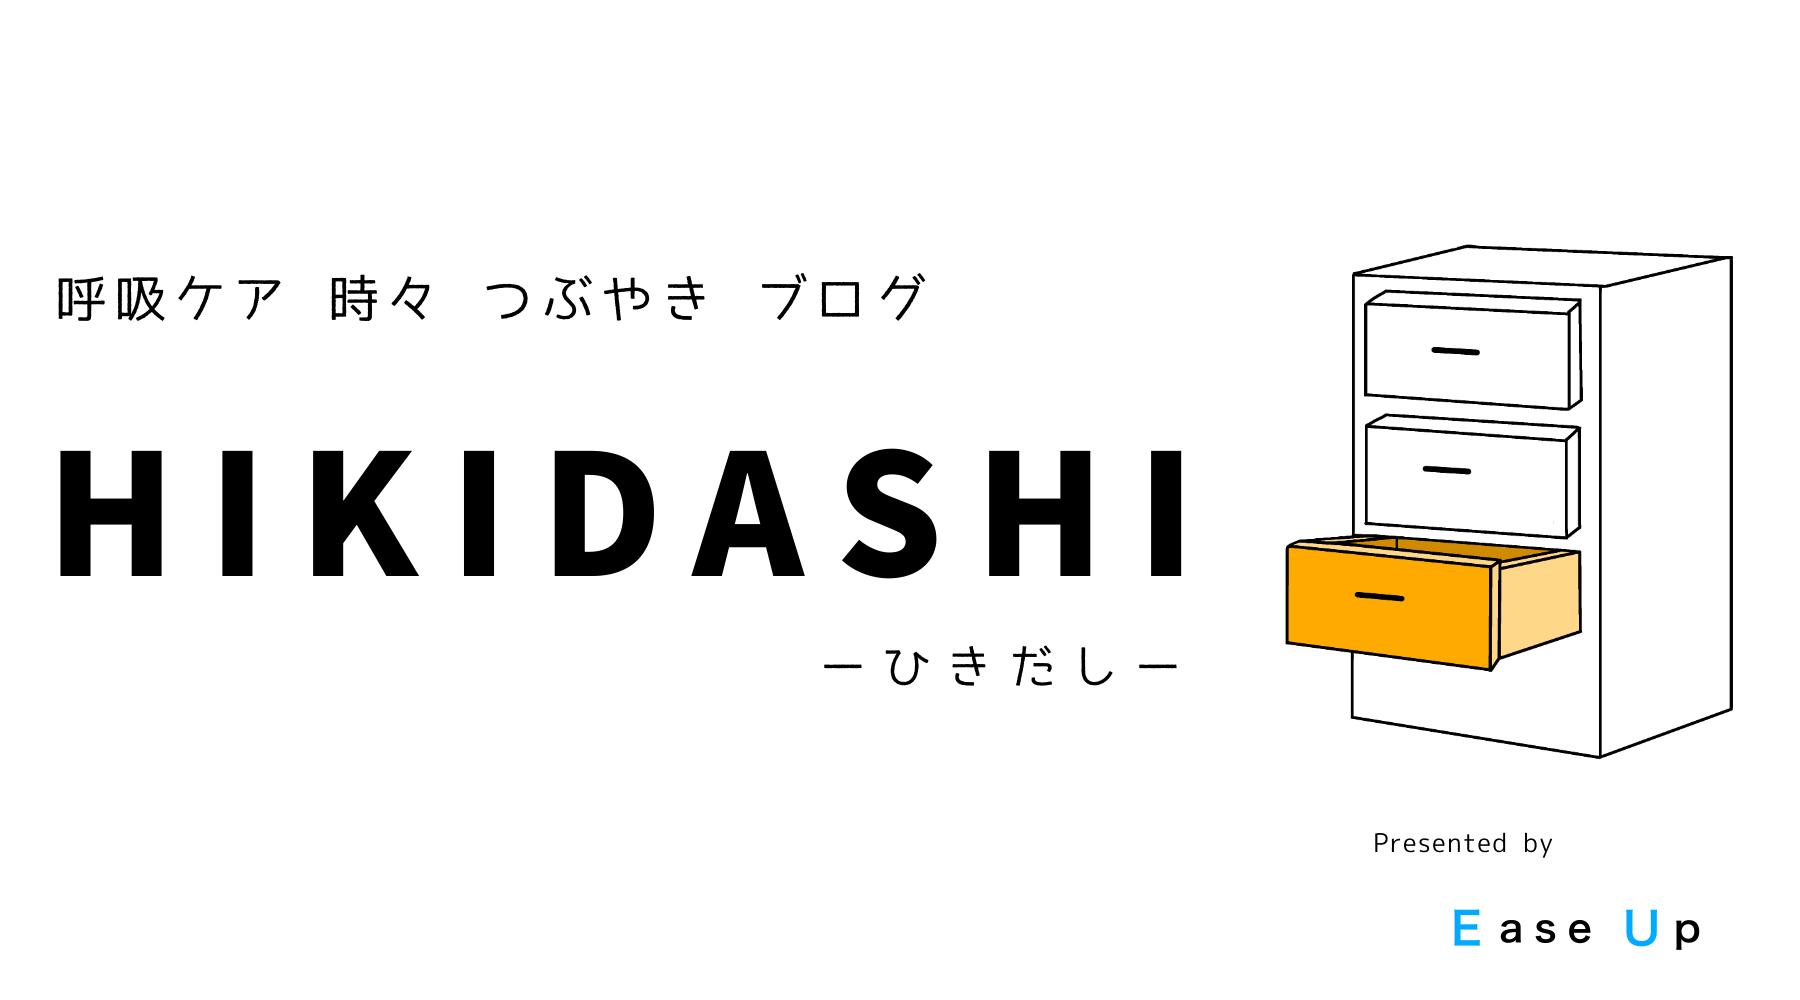 HIKIDASH -呼吸ケア時々つぶやきブログ